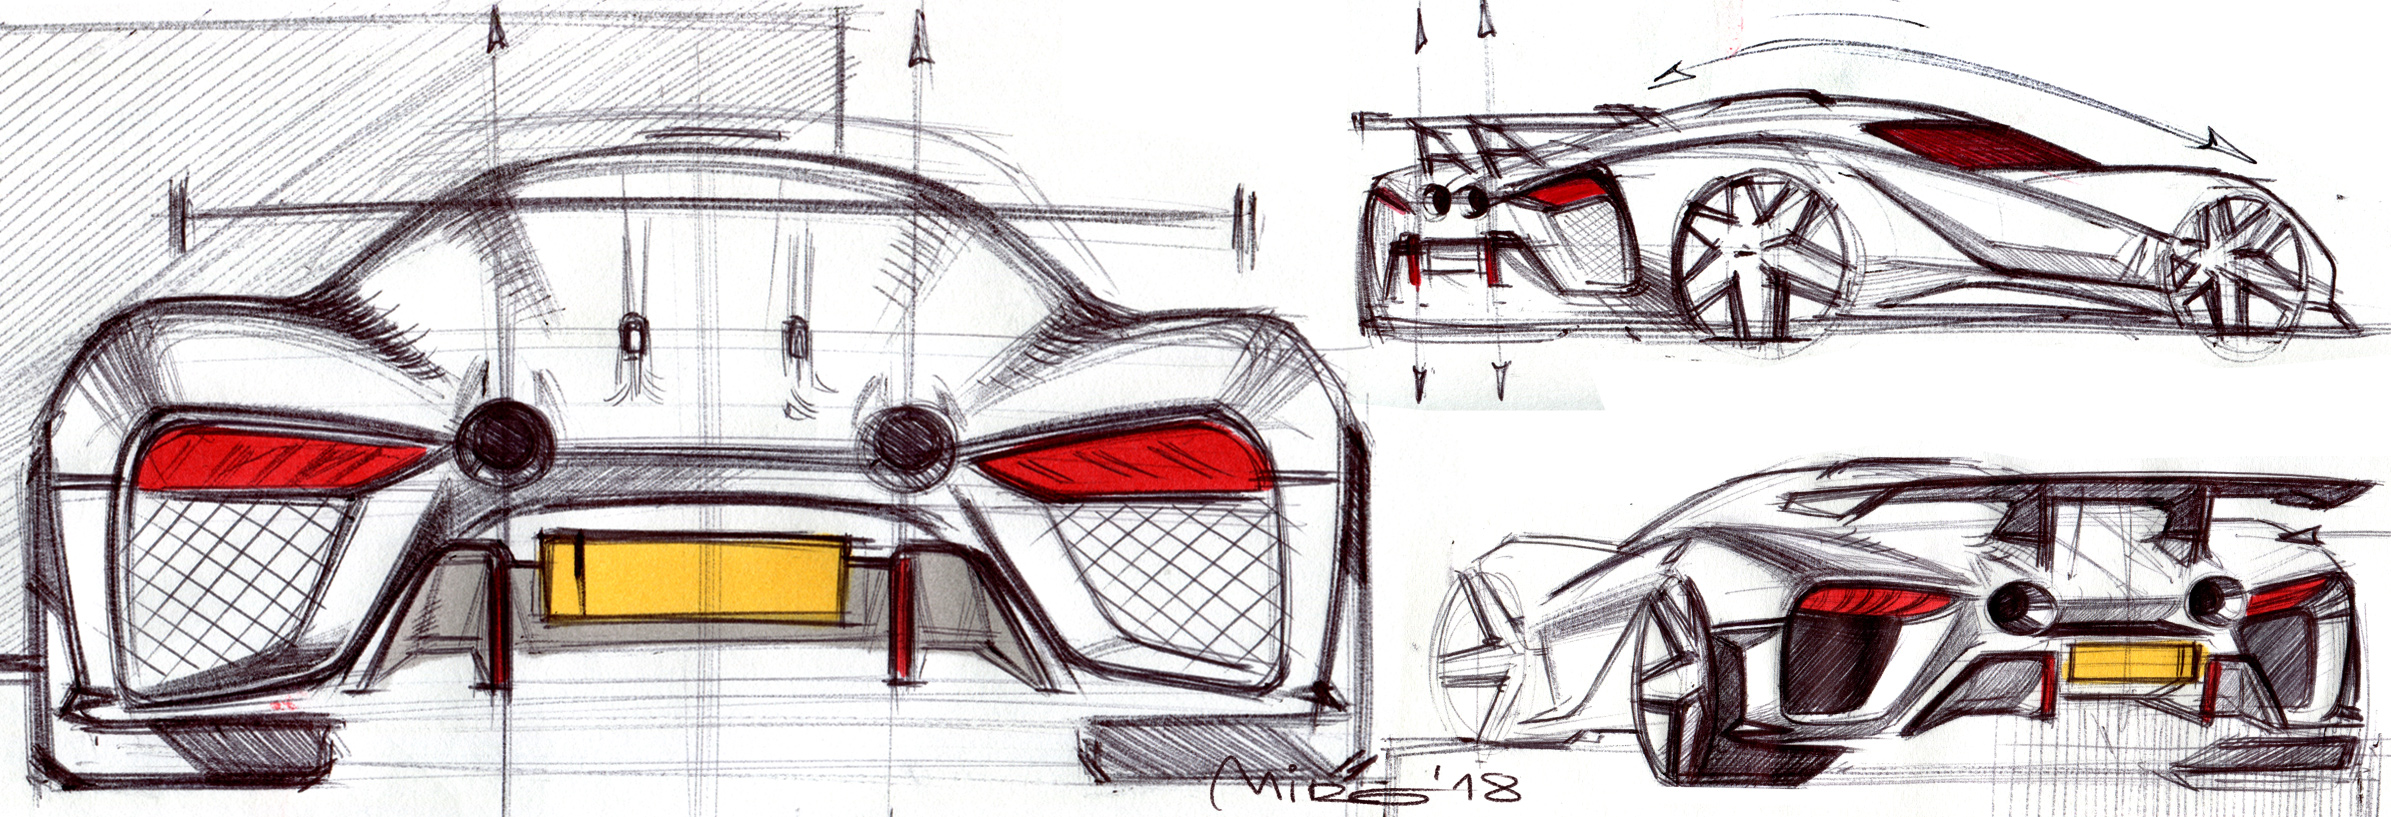 EIDO GTR Concept, rear end design sketches